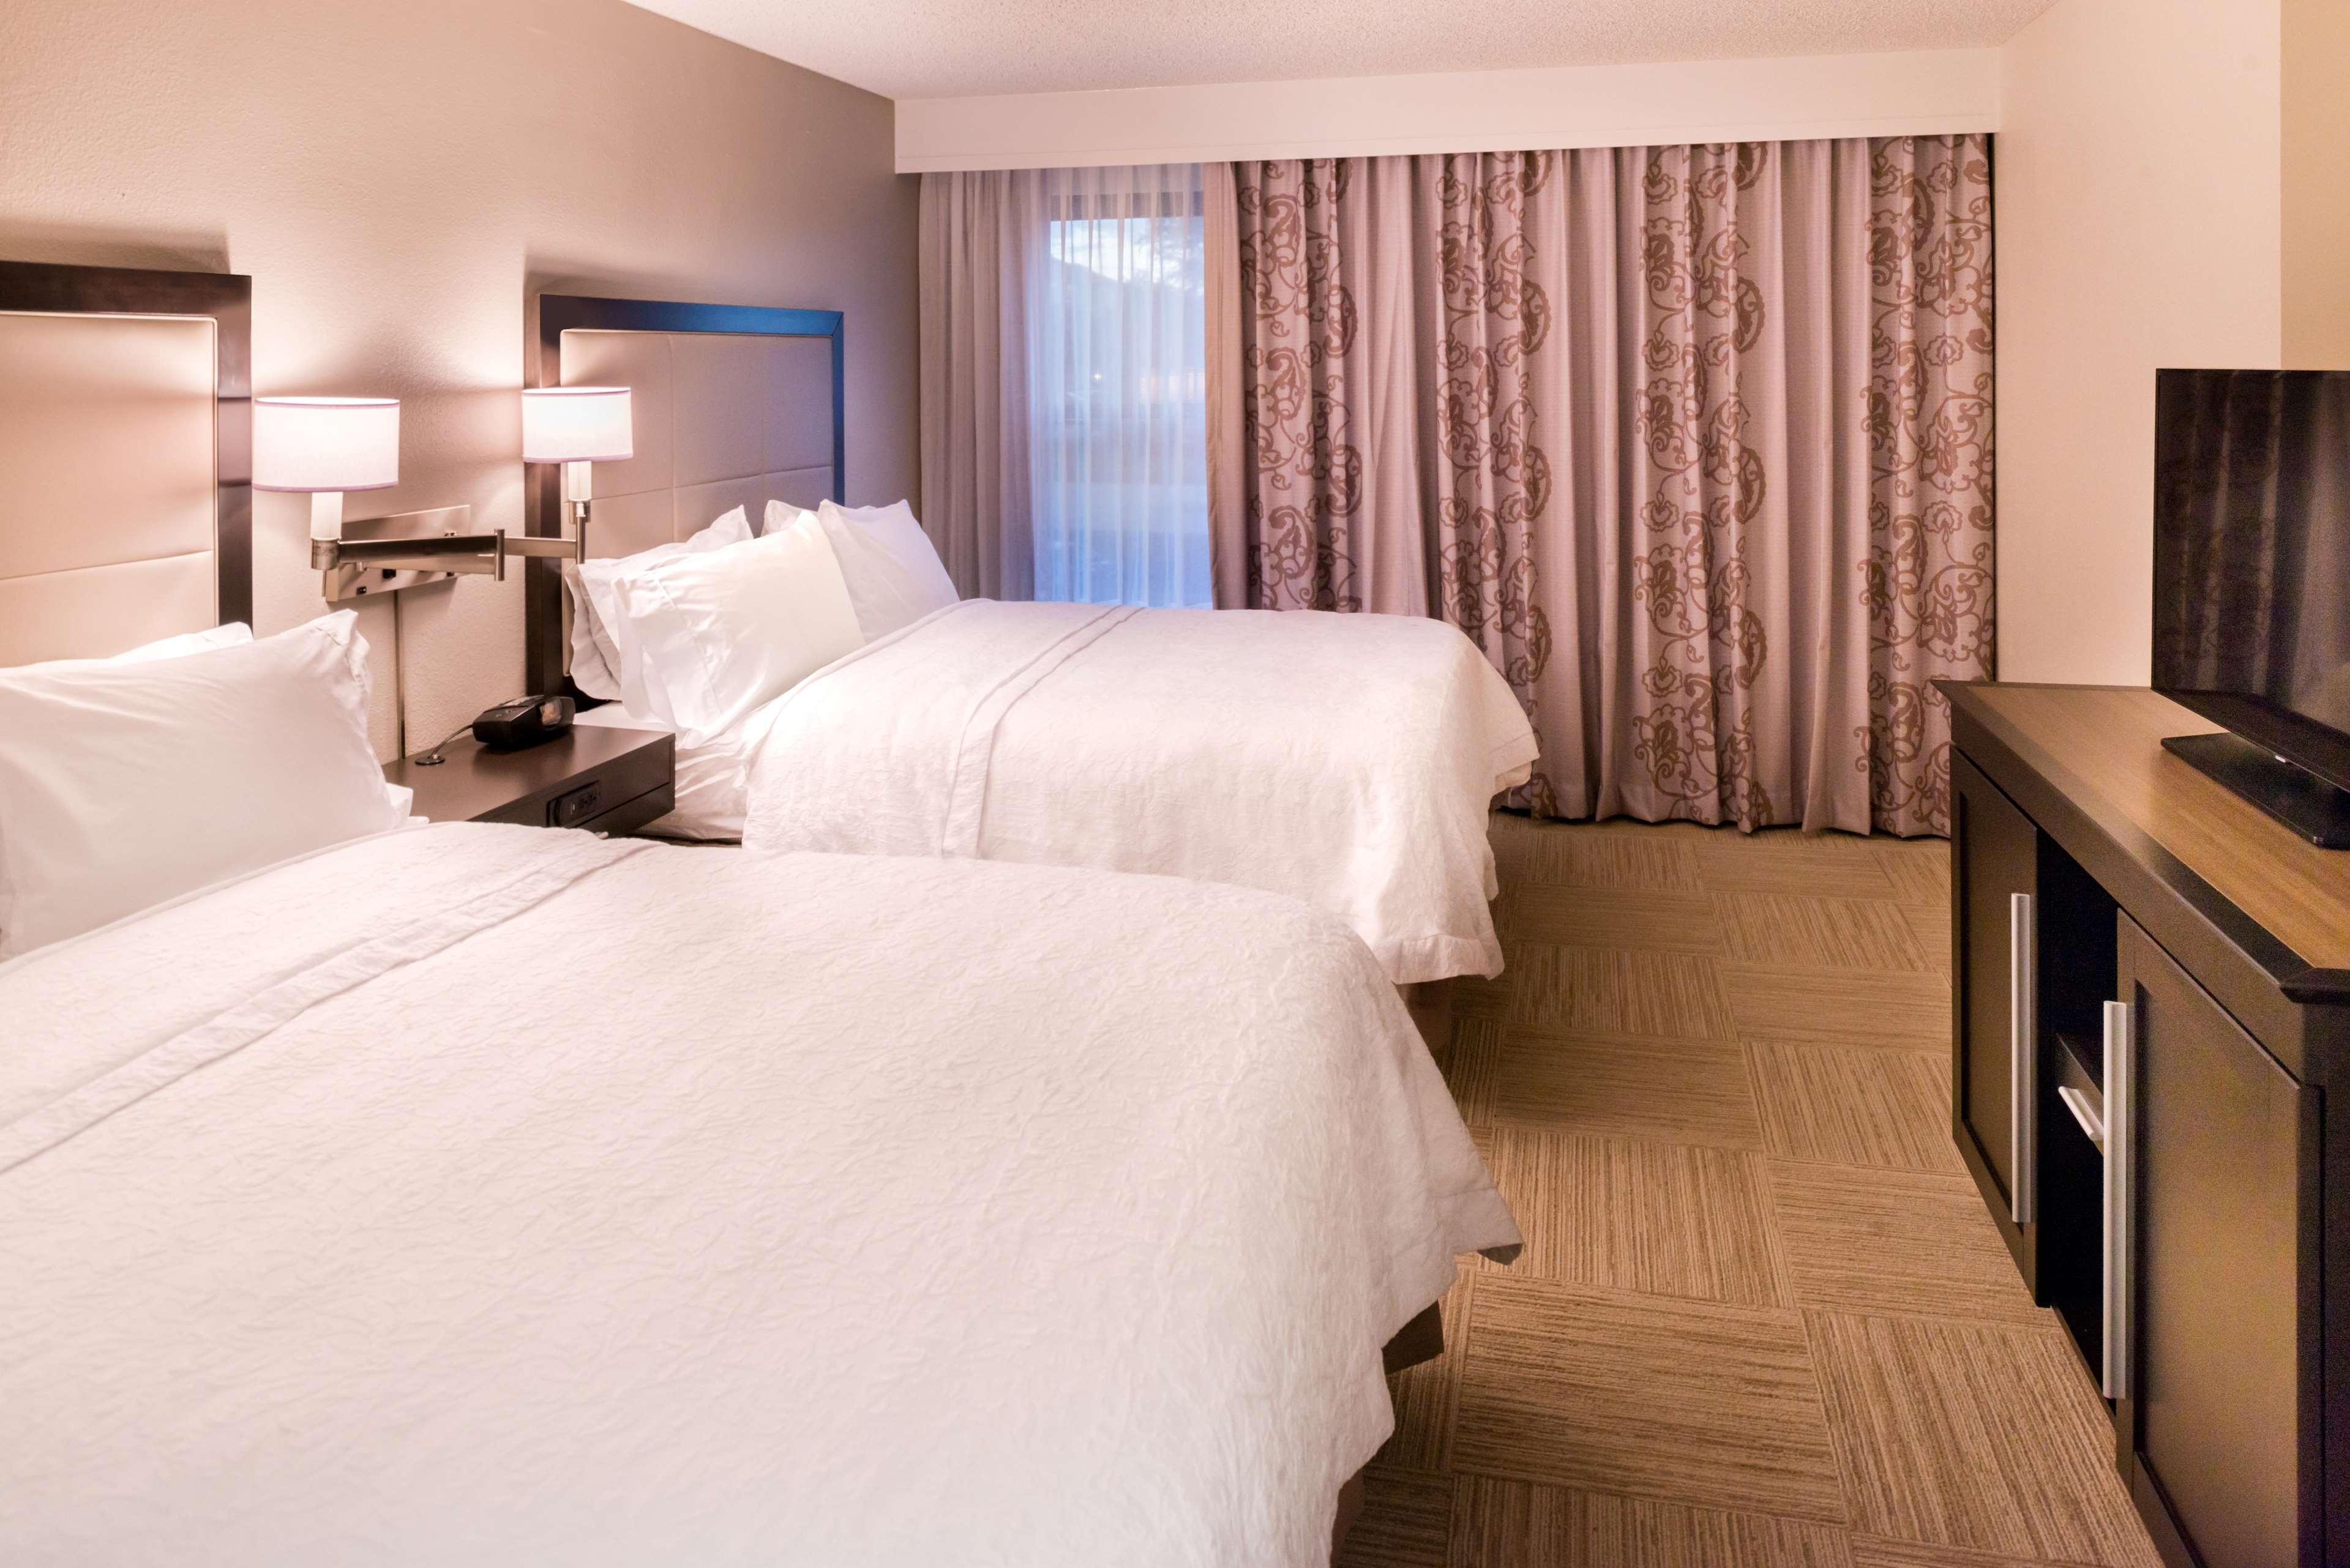 Hampton Inn & Suites Orlando/East UCF Area image 25